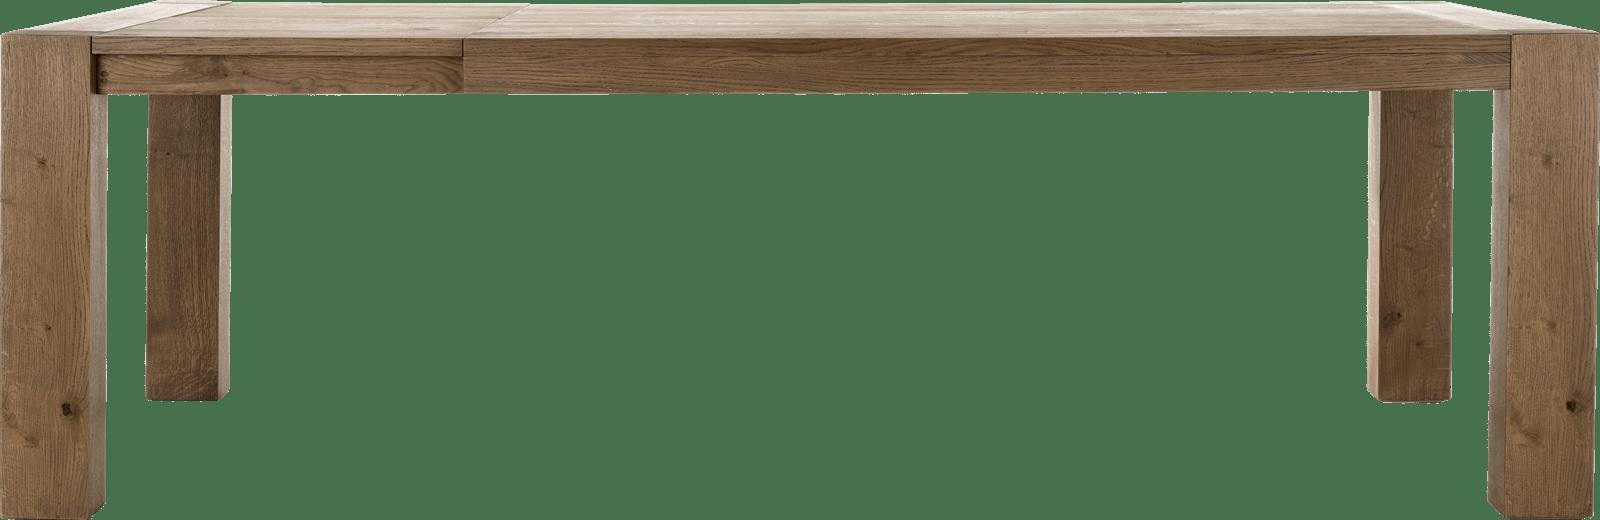 Henders and Hazel - Santorini - Natuurlijk - uitschuiftafel 190 (+ 60) x 100 cm